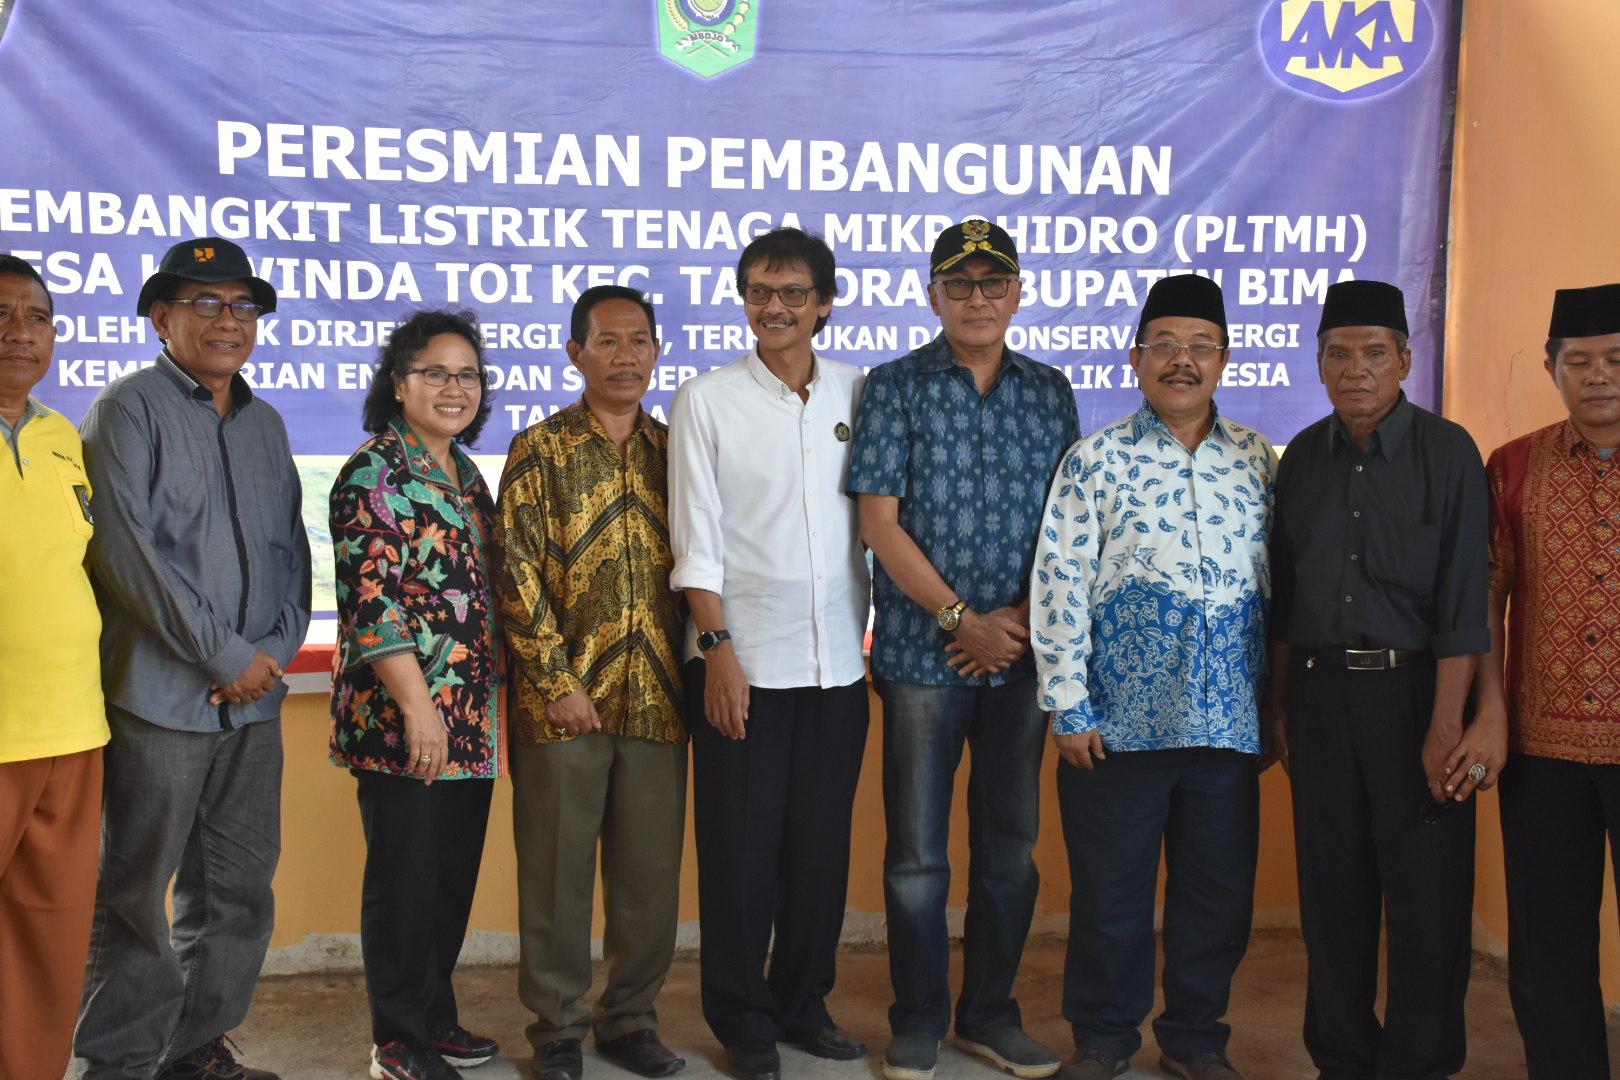 Foto bersama Dirjen EBTKE, Angota komisi VII Dapil NTB, Wabup Bima, Kadus Oi Panihi, Pemda dan warga setempat